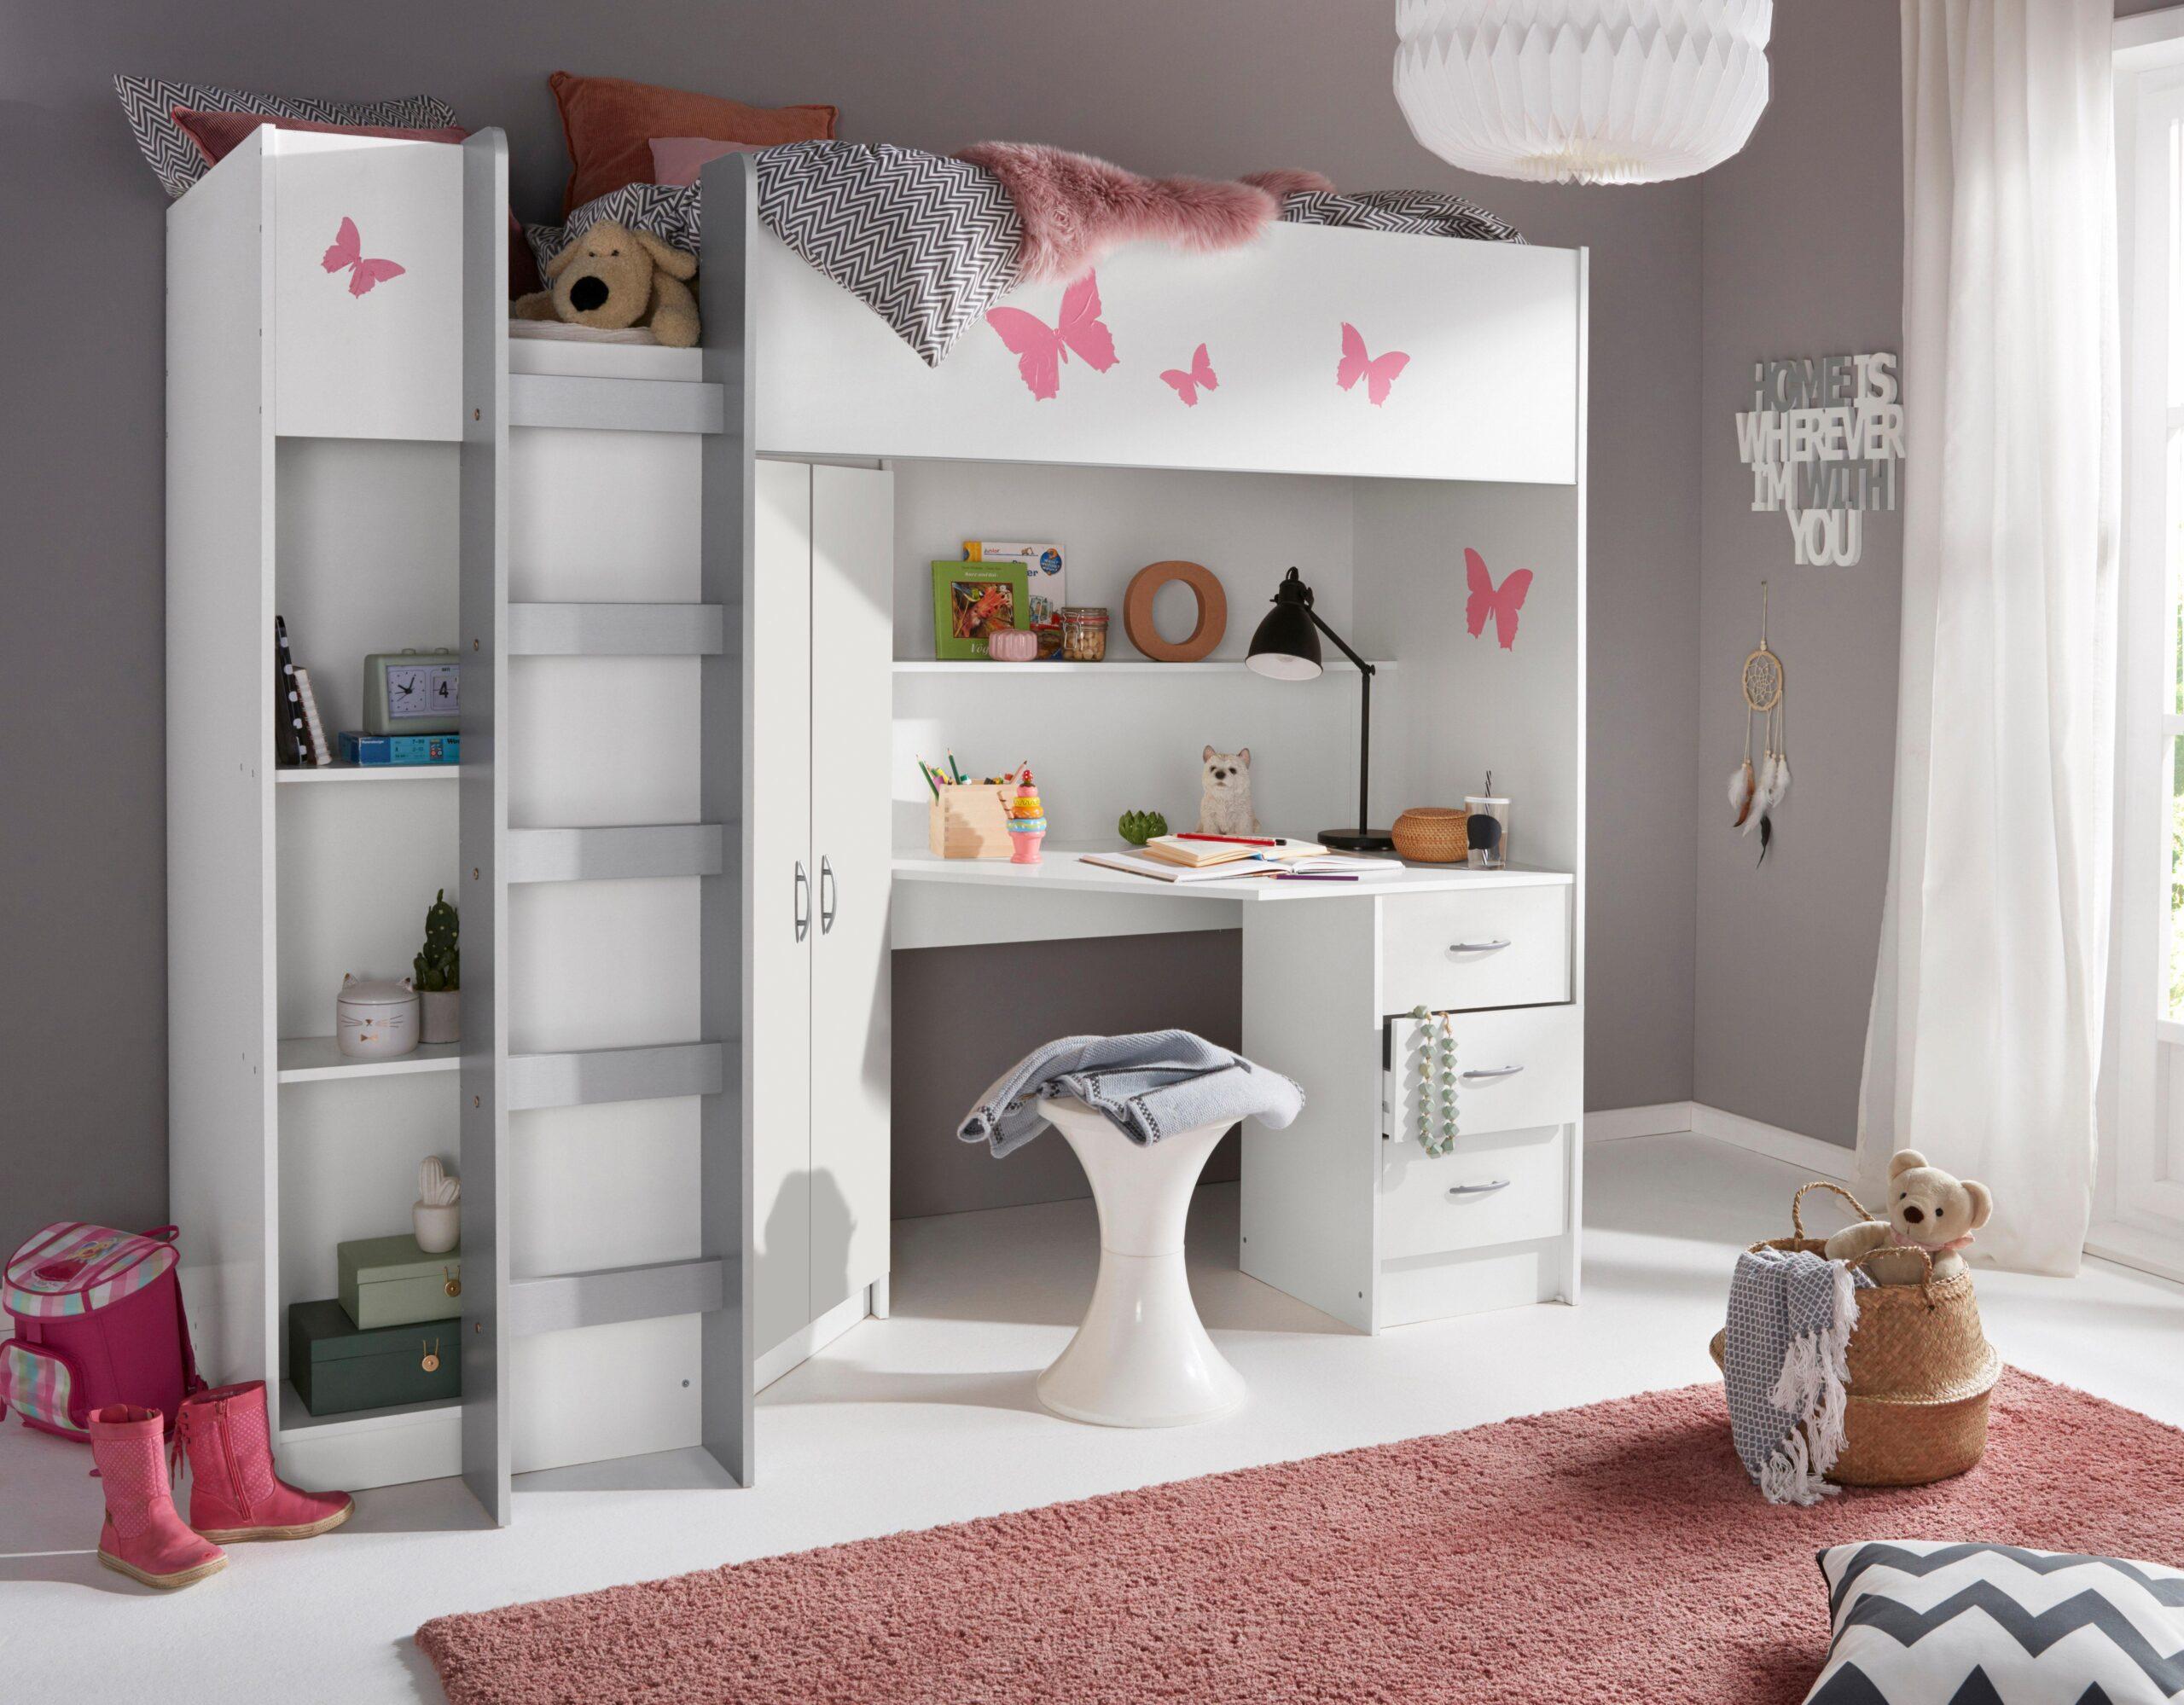 Full Size of Eckkleiderschrank Kinderzimmer Hochbett Suchmaschine Ladendirektde Regal Sofa Regale Weiß Kinderzimmer Eckkleiderschrank Kinderzimmer